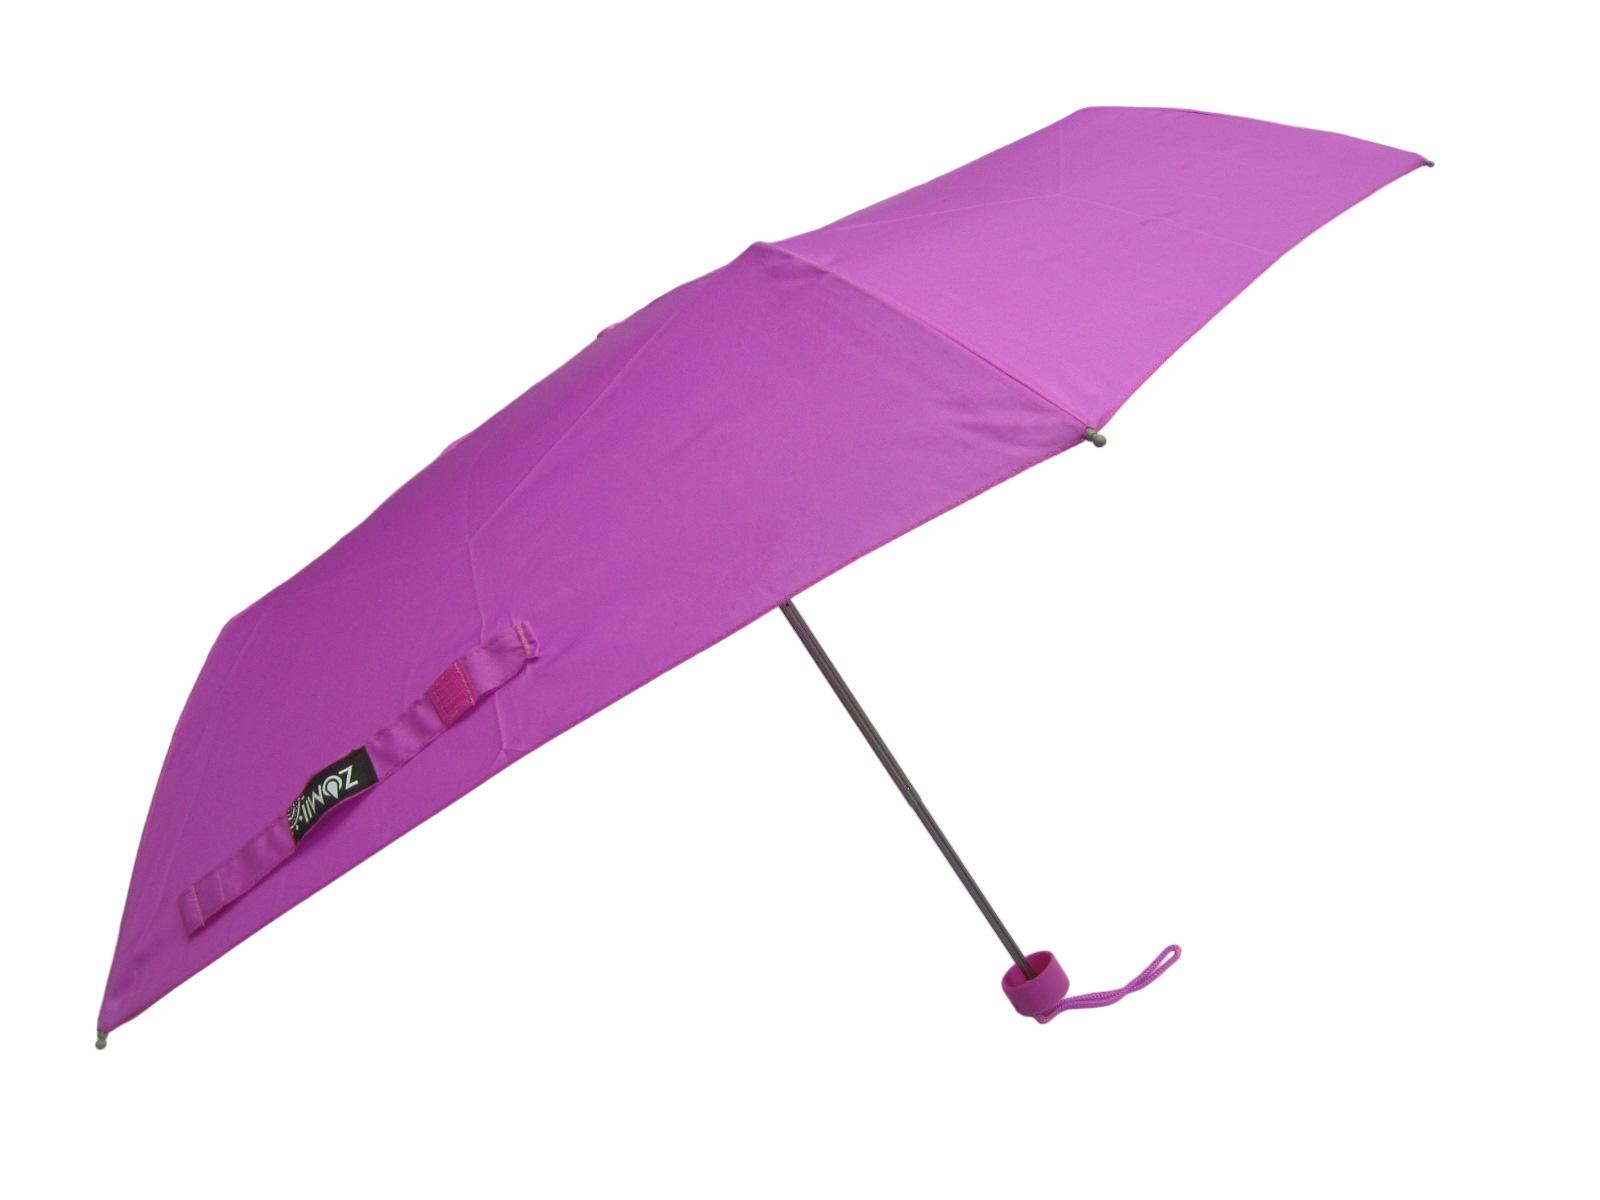 Amethyst Super Light Umbrella (2016)